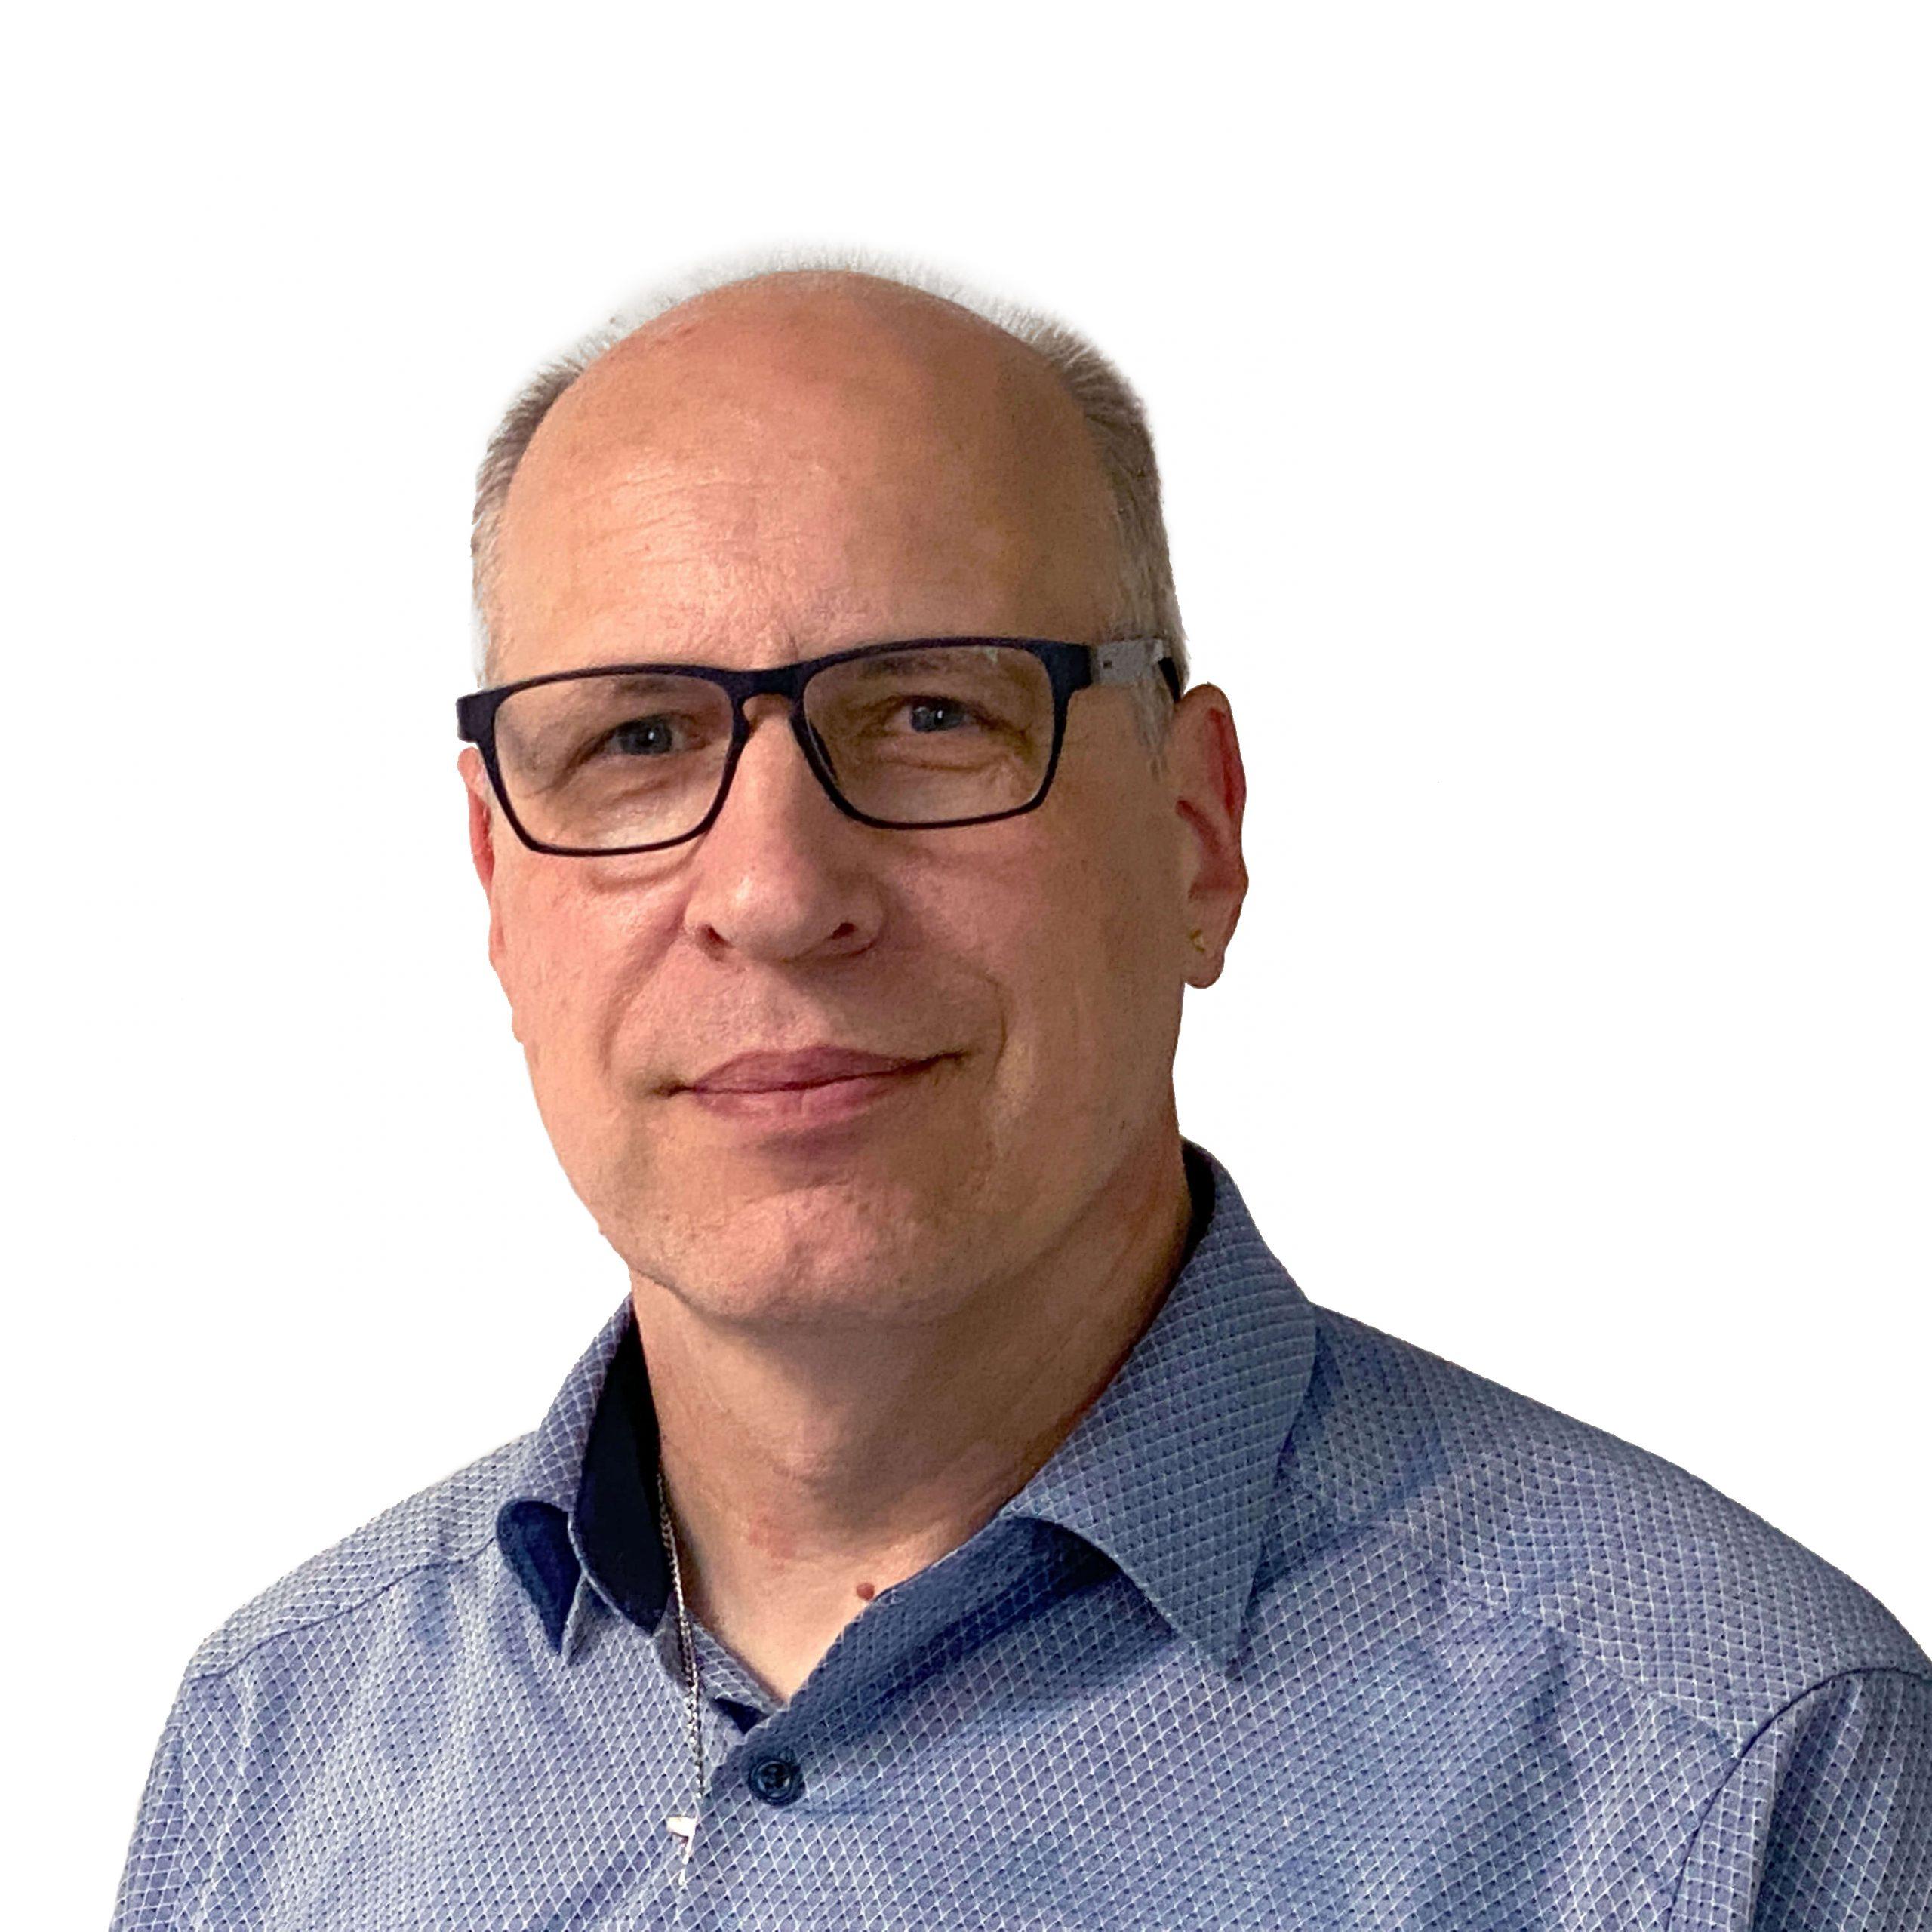 Ansprechpartner Marc Zöttl